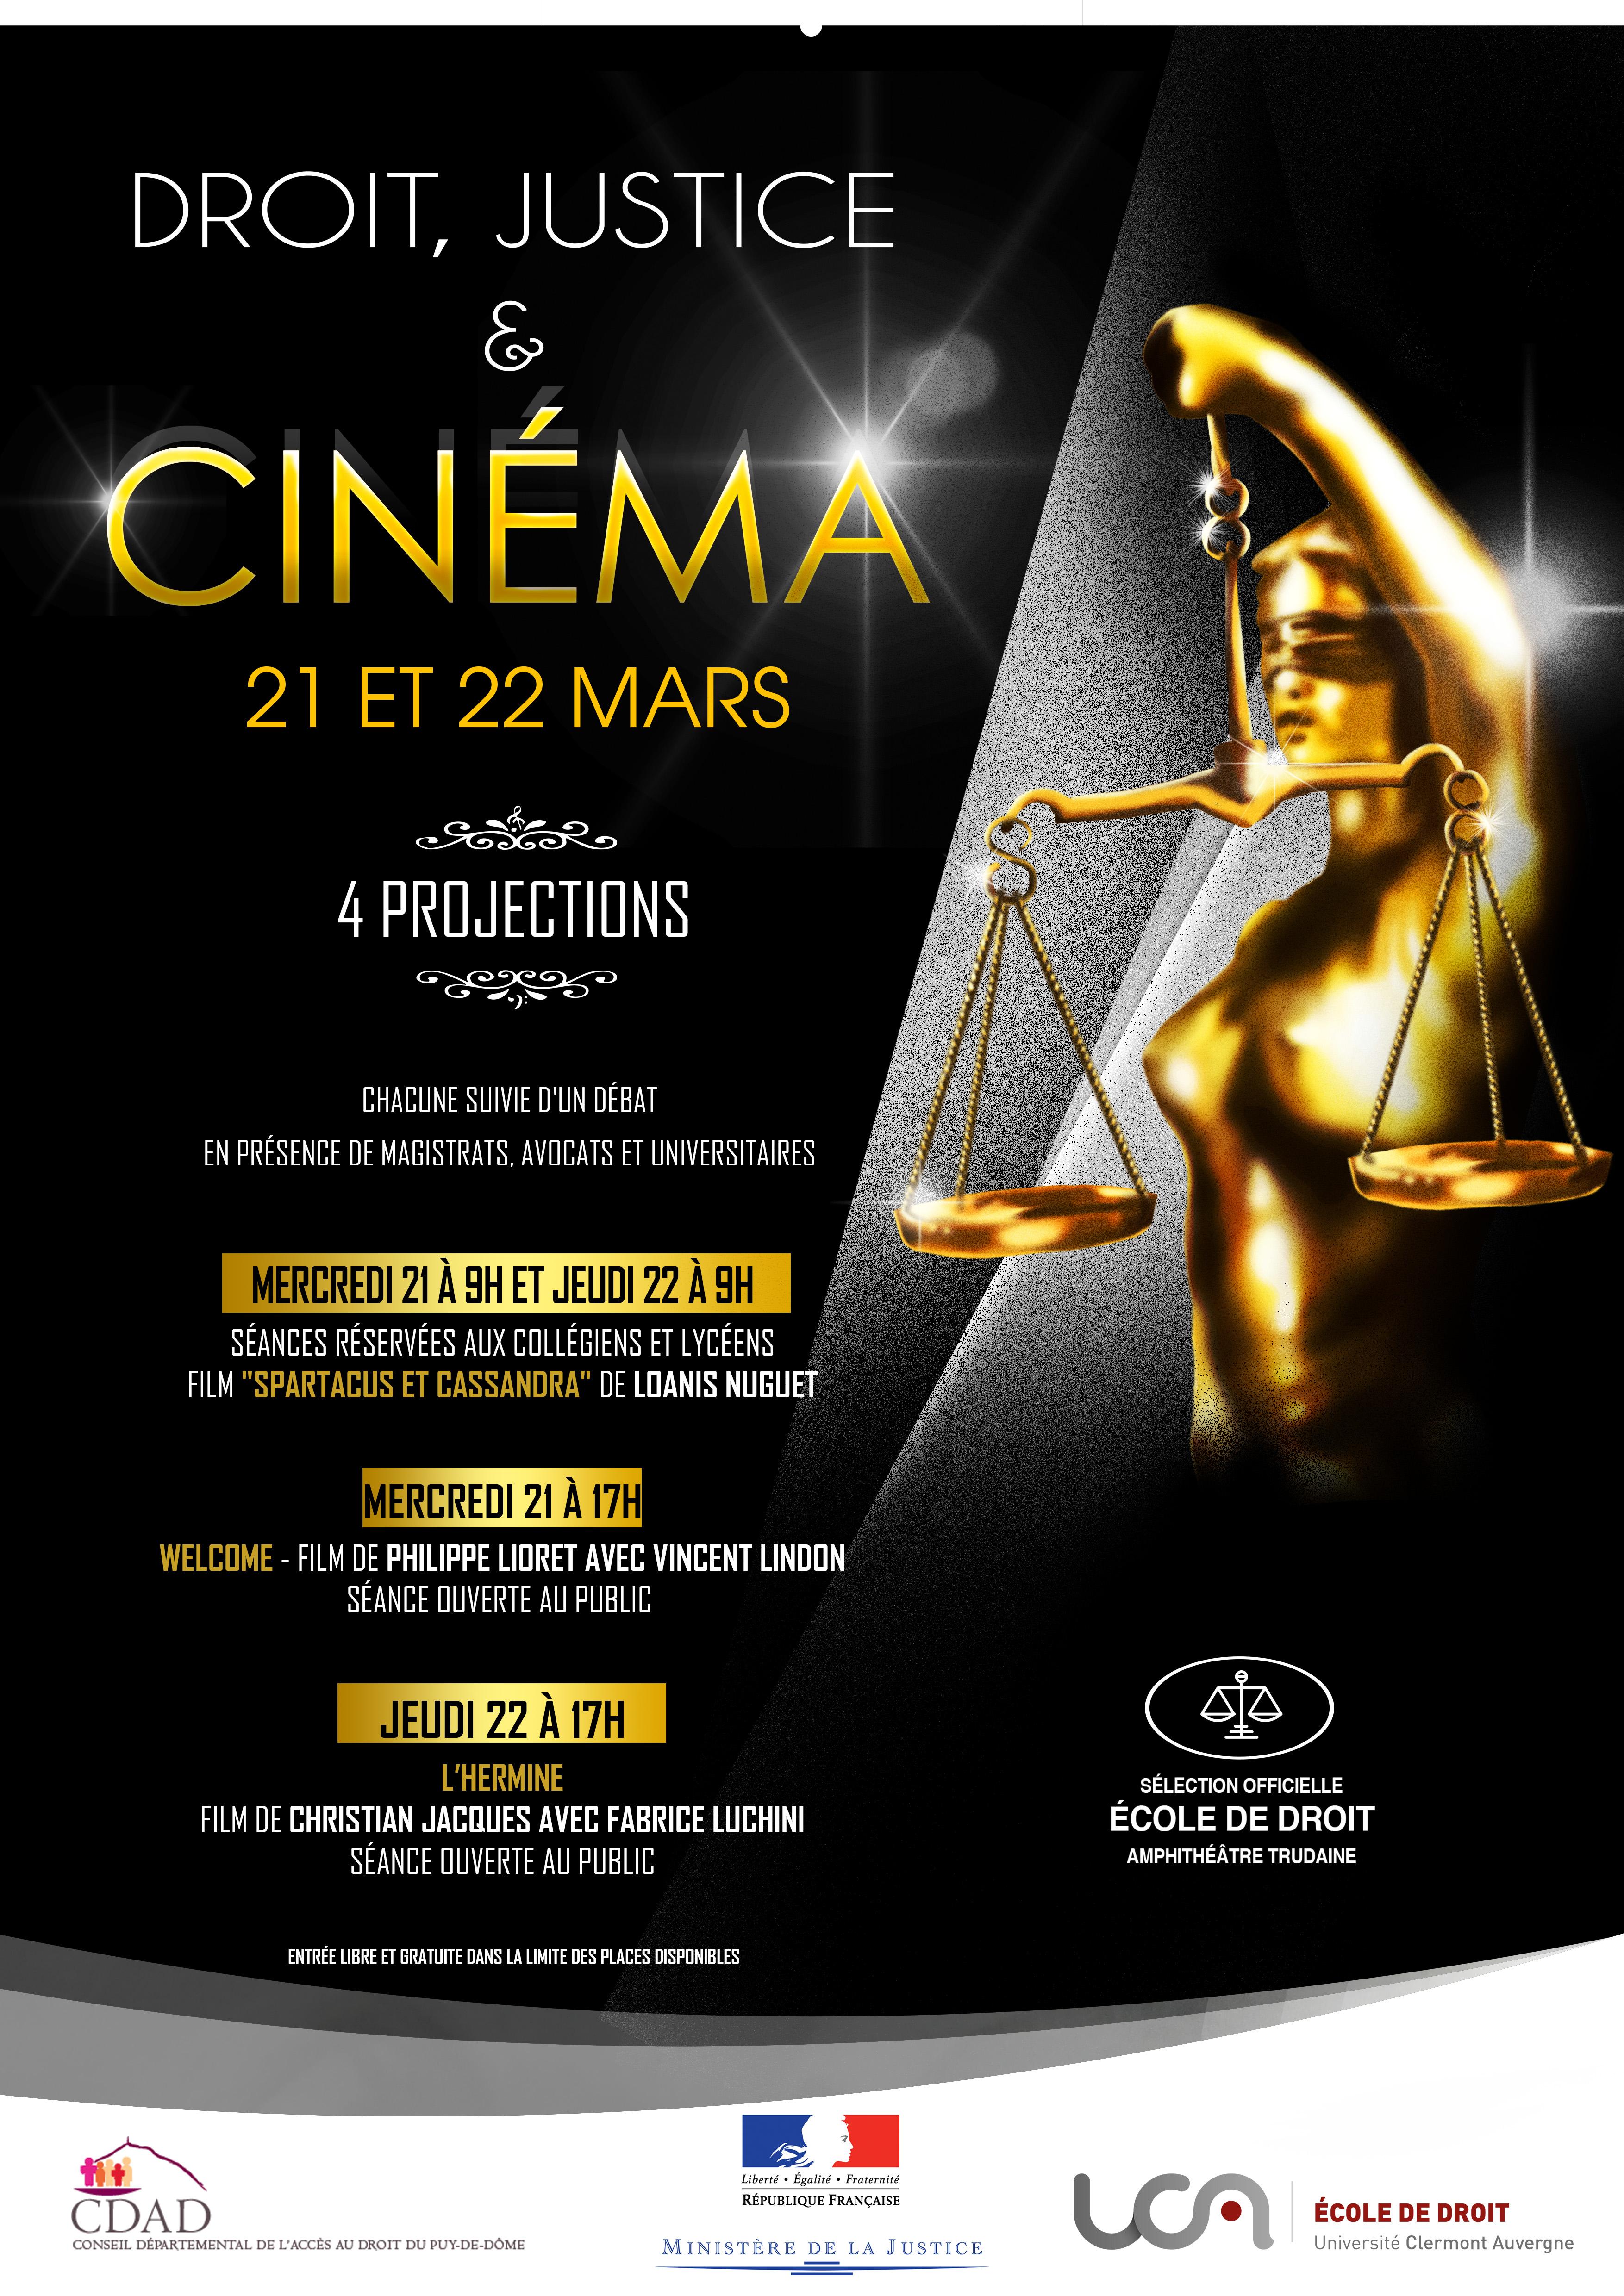 Festival Droit, Justice et Cinéma